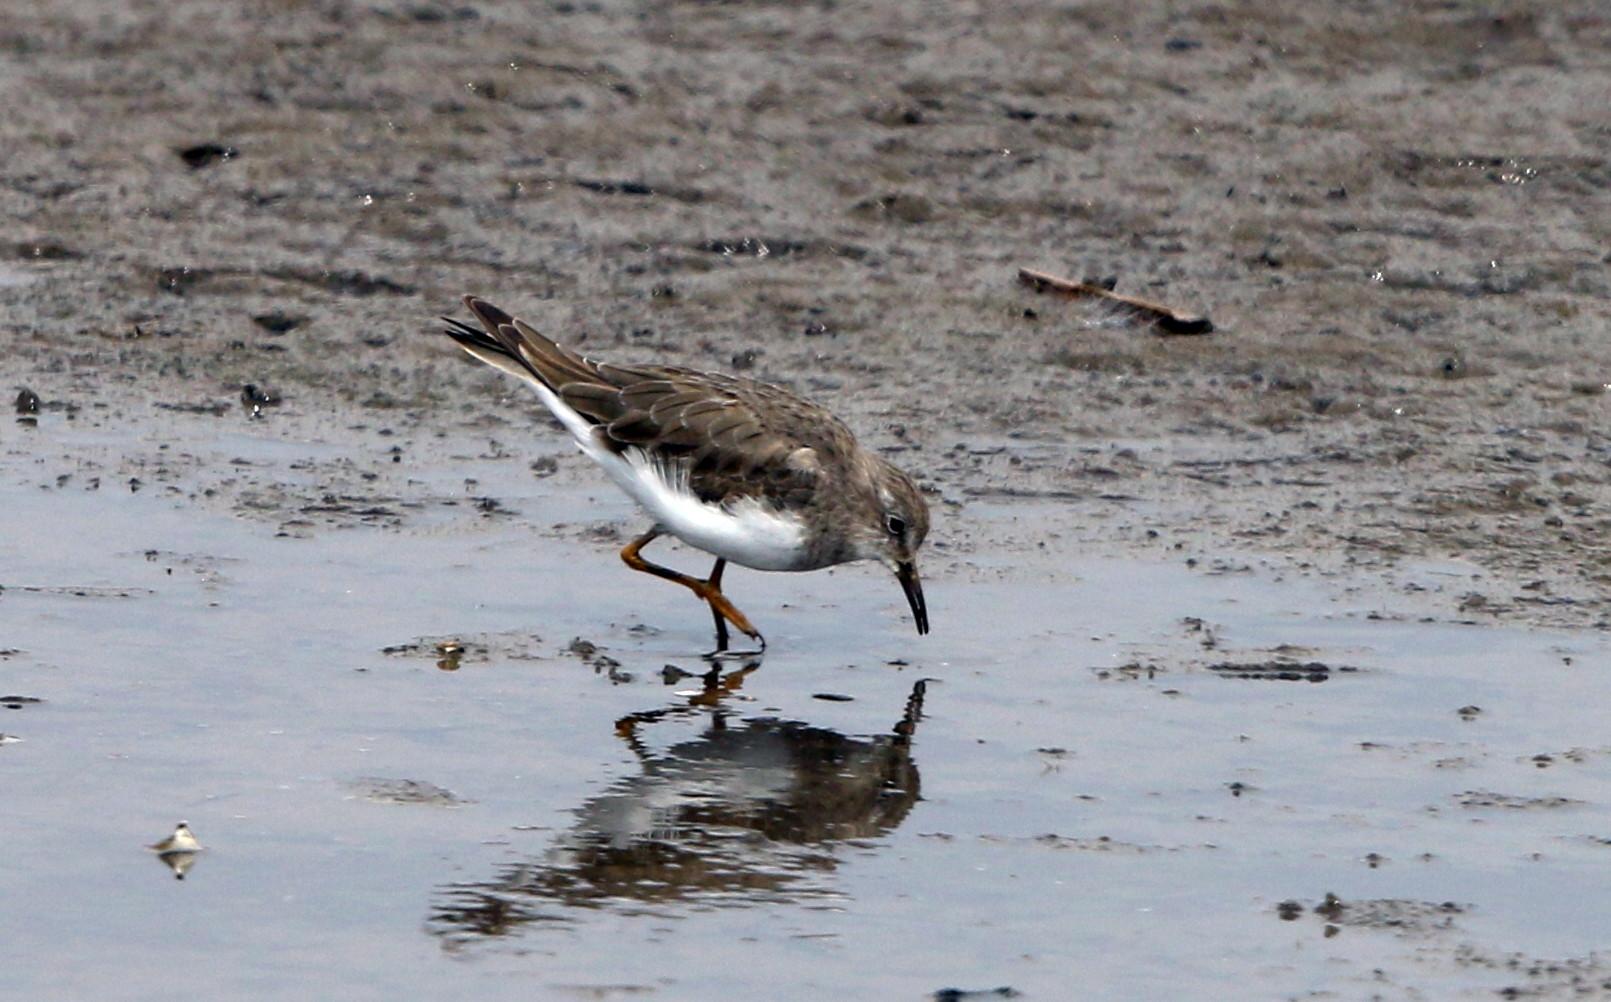 MFの沼でもコチドリ・オジロトウネンを見る事が出来ます_f0239515_183876.jpg